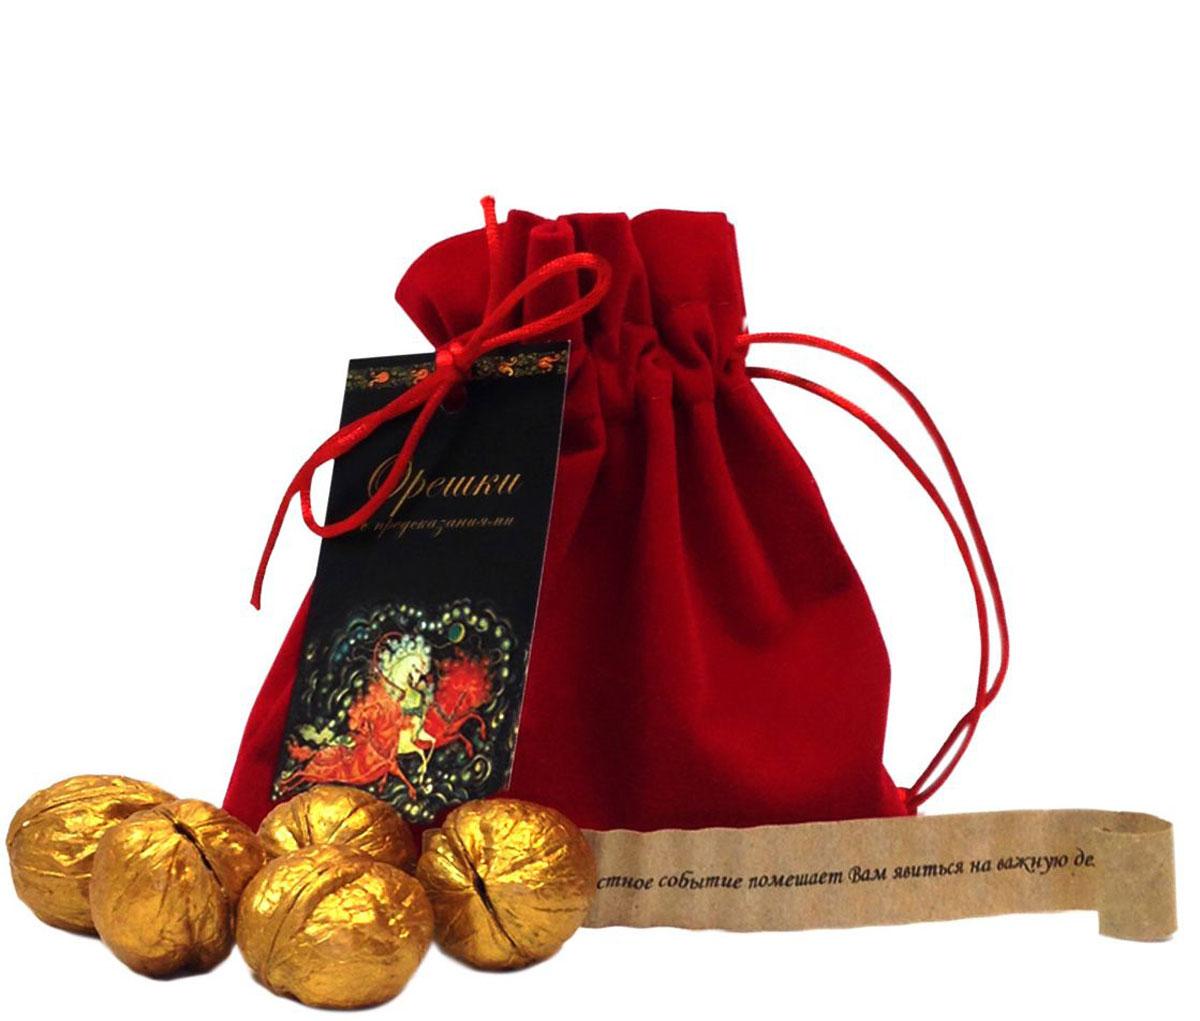 Мешочек подарочный Правила Успеха, с пятью орешками с предсказаниямиKOC_GIR288LEDBALL_RСостав подарка: - Золотые орешки с предсказанием 5 шт; - Бархатный мешочек.Производитель нашел и отобрал лучшие грецкиеорехи, очистил скорлупу от ореха,положил туда записку с пожеланием ипокрасили орех золотой краской.